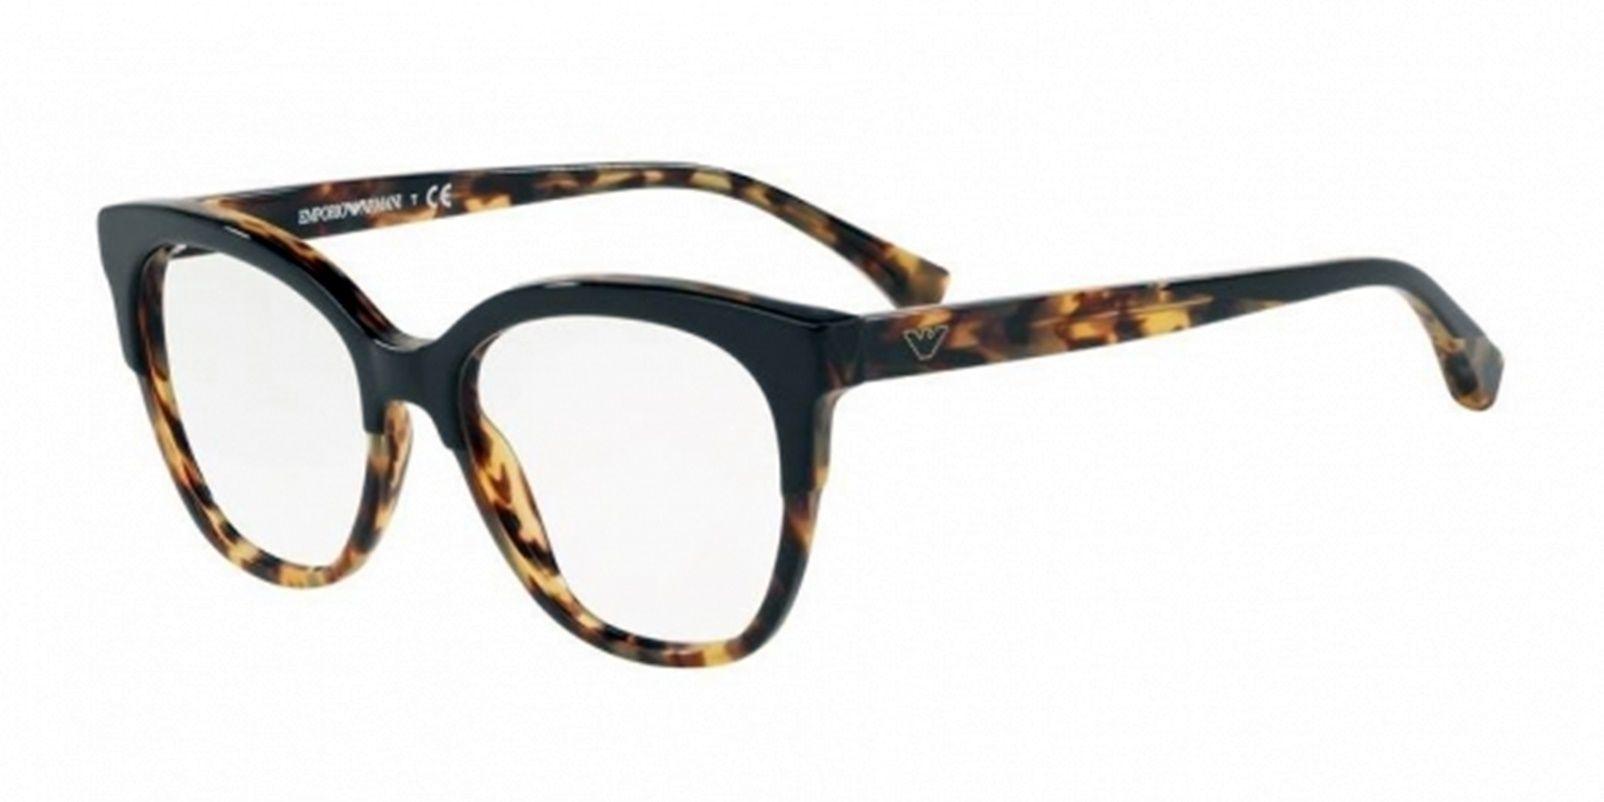 75f6a3b46 Armação Óculos de Grau Emporio Armani EA 3136 5697 - Omega Ótica e ...